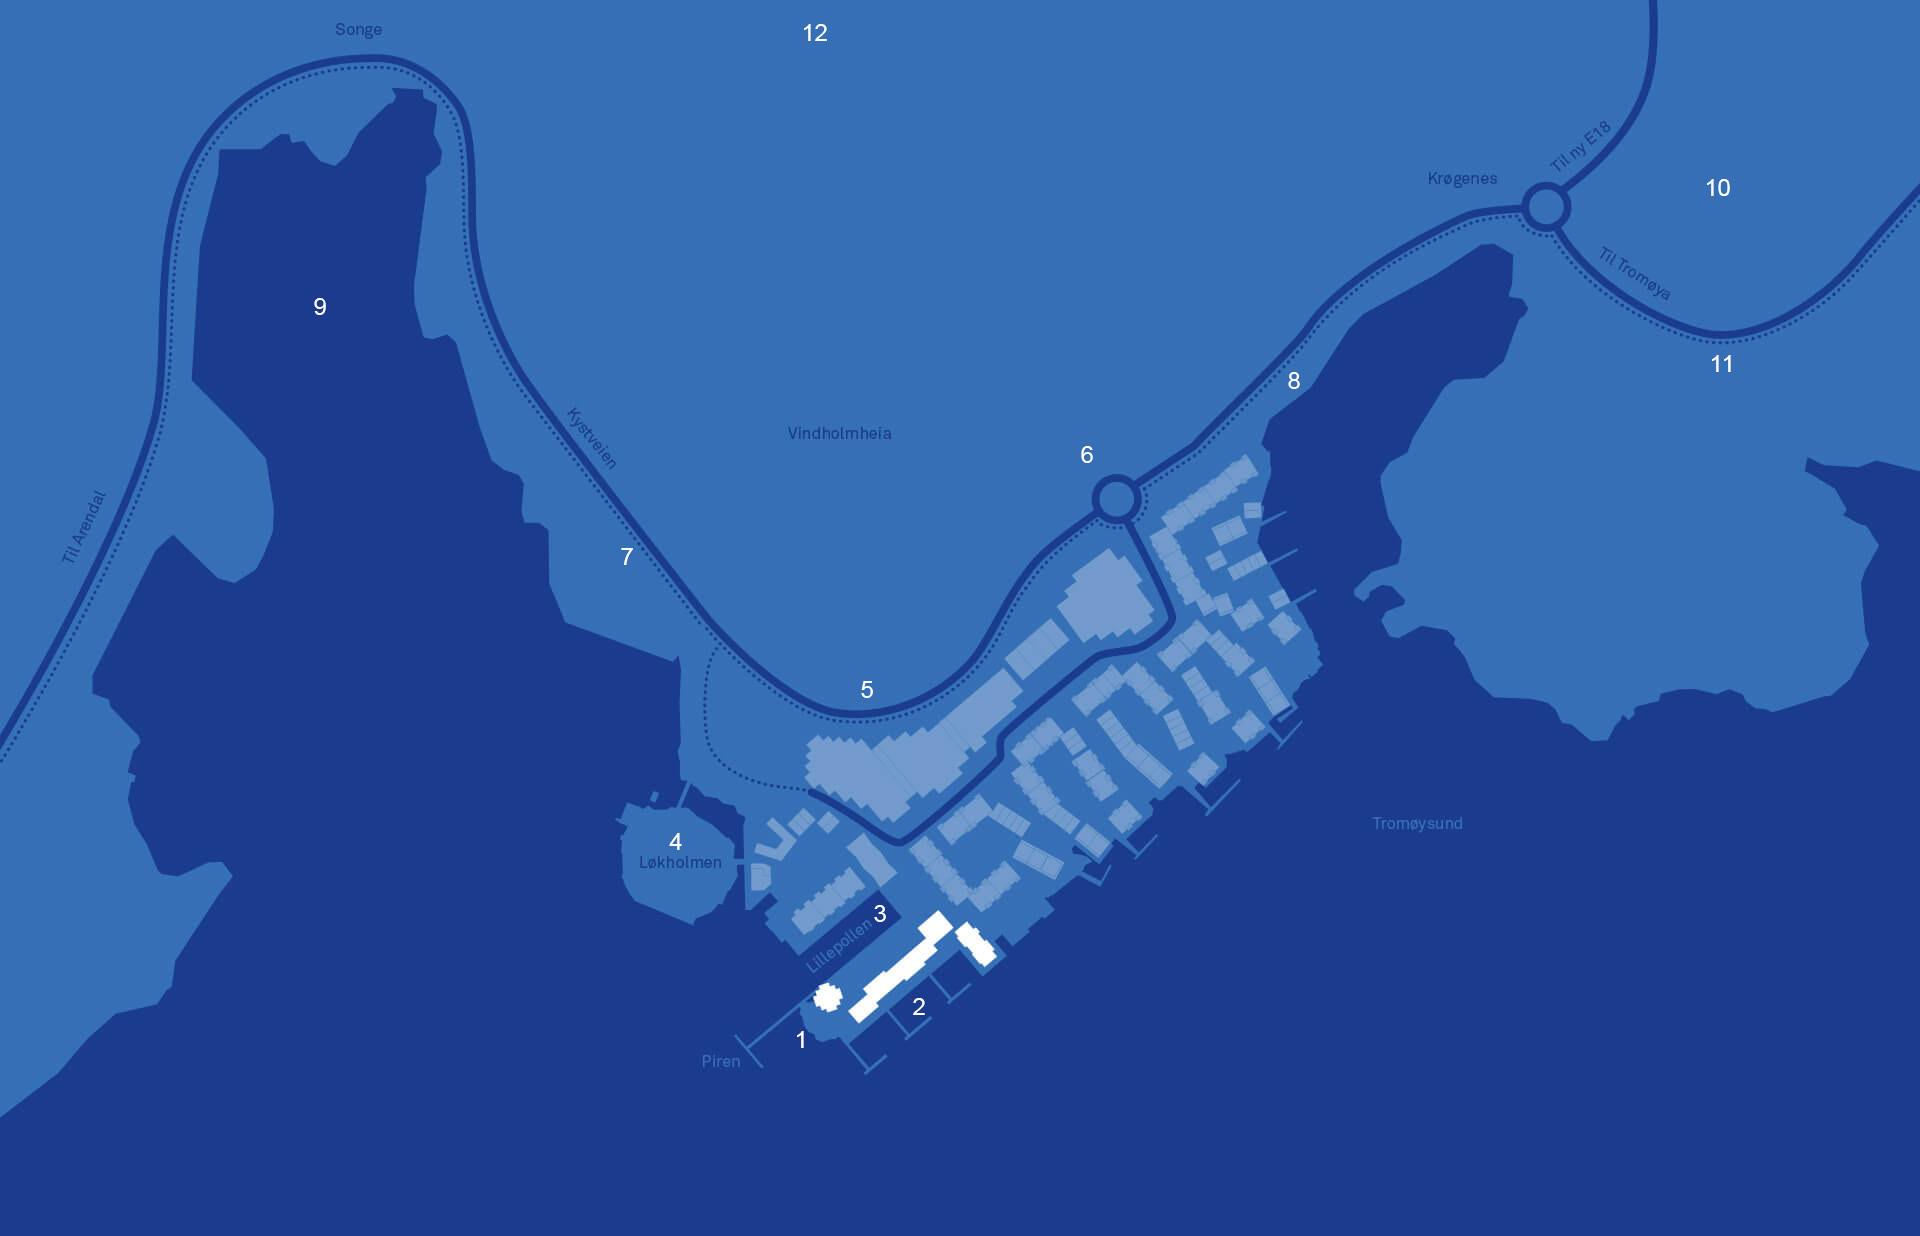 1 Piren. 2Bryggeanlegg med båtplasser. 3 Lillepollen. 4 Løkholmen, byens nye badeplass. 5 Kystveien, fylkets beste kollektivtilbud. 6 Ny rundkjøring til Bryggebyen. 7 Sykkel- og gangsti til sentrum. 8Sykkel- og gangsti til Krøgenes. 9 Songebukta, stor kommunal båthavn. 10 Krøgenes, dagligvarebutikker, treningsstudio og apotek. 11 Sykkel- og gangsti til Tromøya. 12 Lysløype Enghaven/Birkenlund og stinett for terrengsykling.